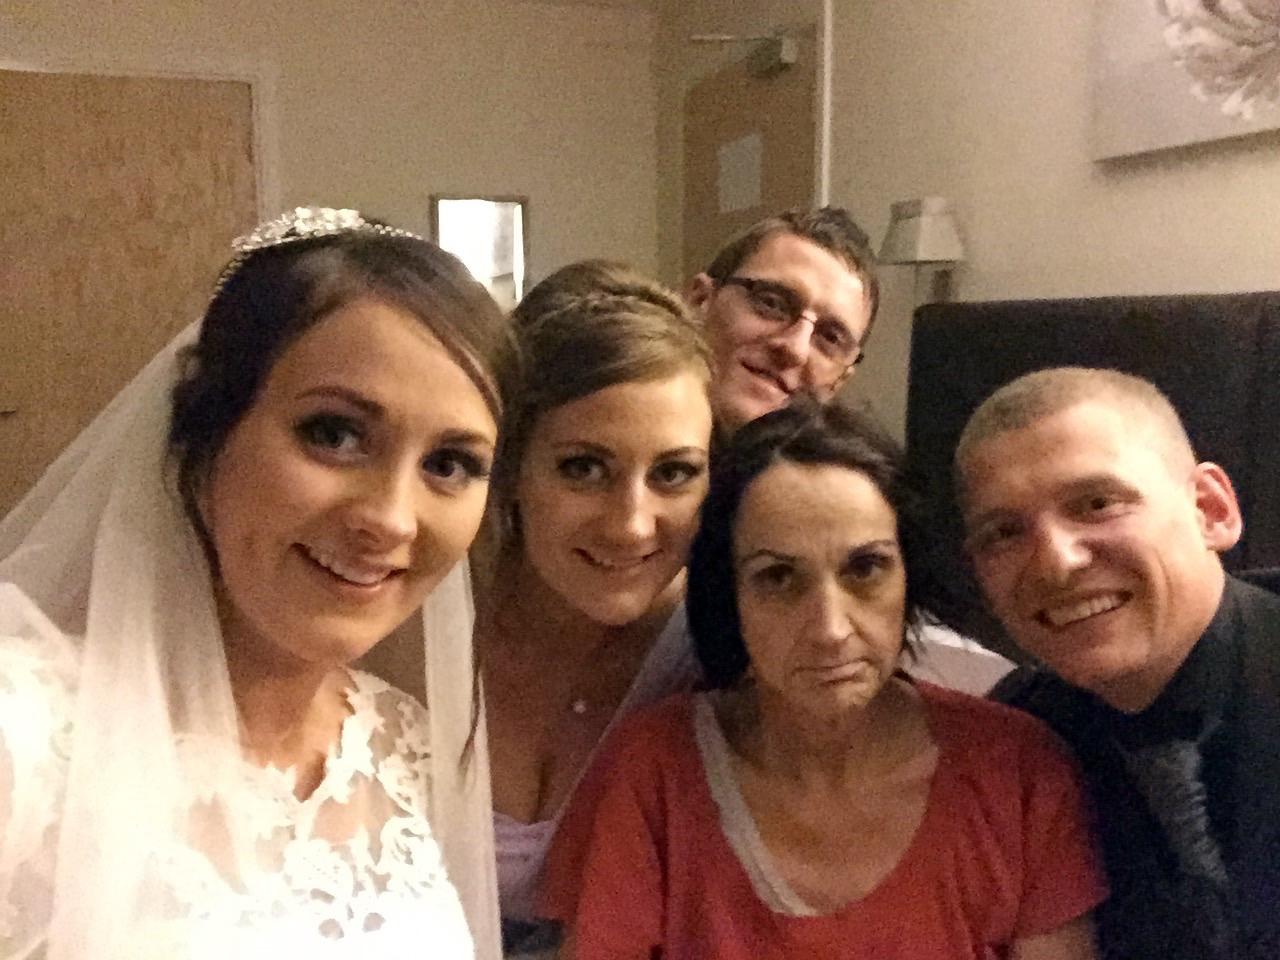 Left to right: Emma Strachan (bride) Elaine Watt (sister), Steven Watt (Elaine's husband), Sandra Strachan (Elaine's mother), Iain Buchan (Emma's husband)